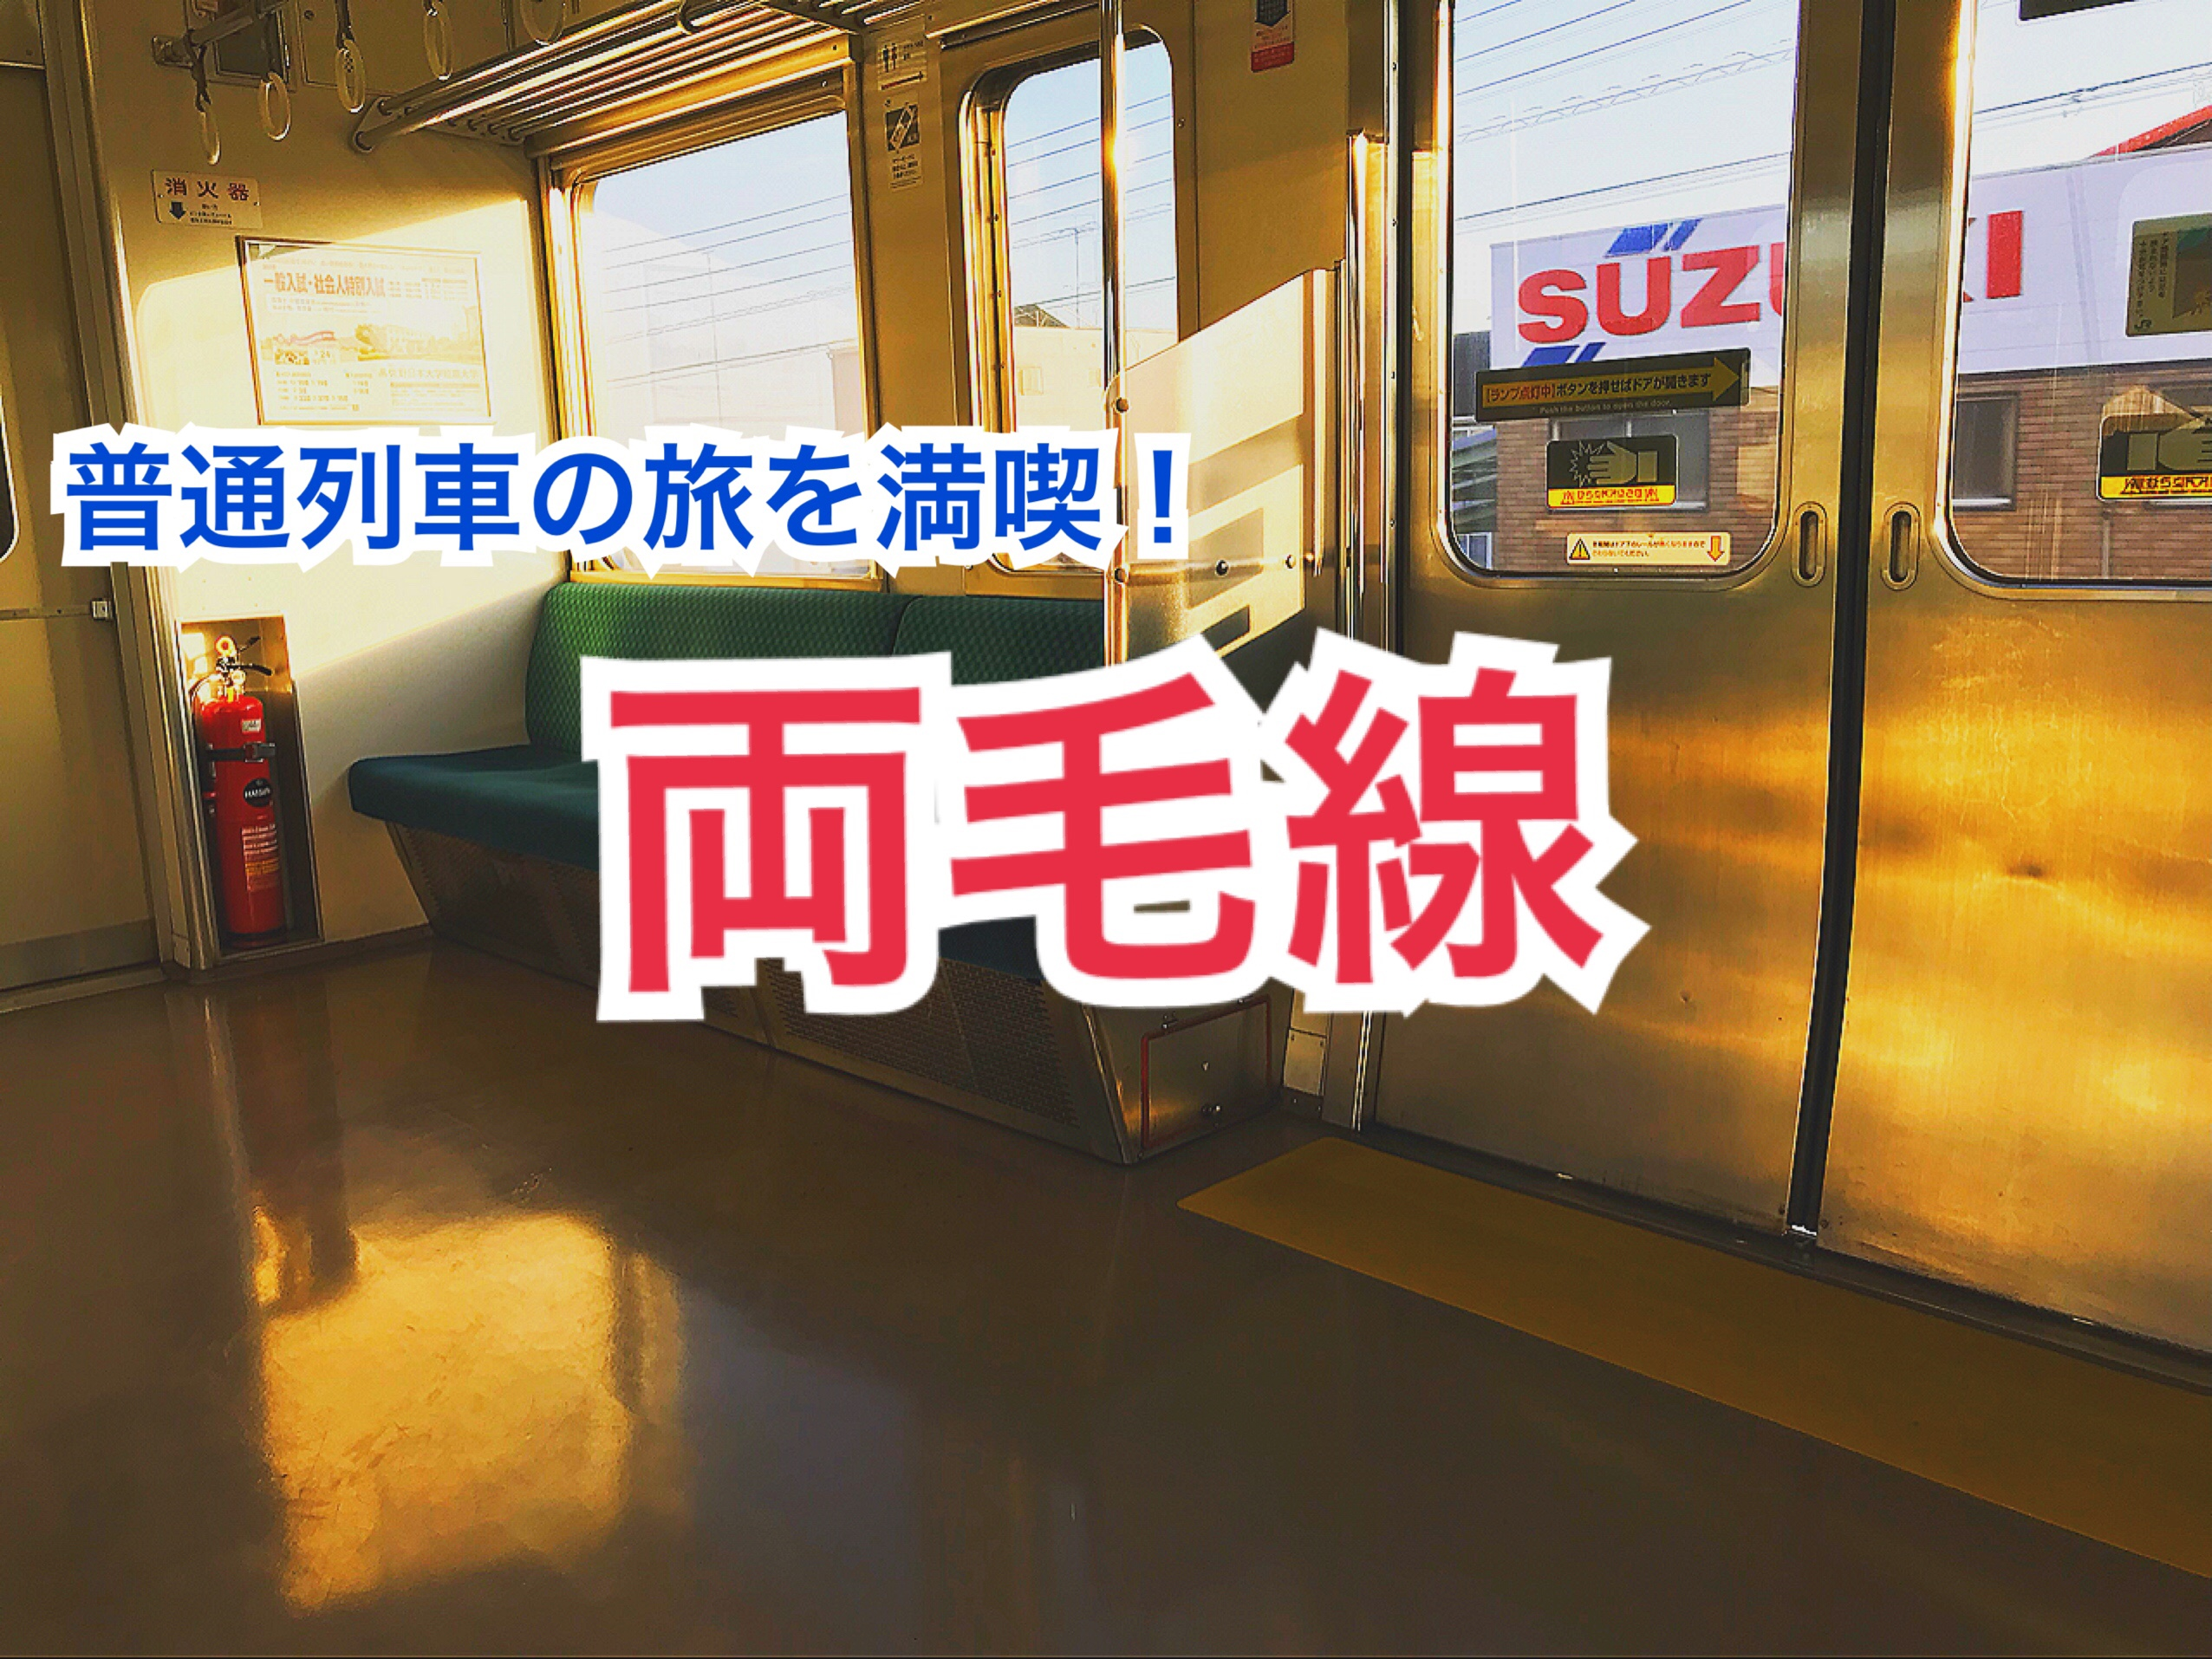 【普通列車の旅】両毛線で田園風景の普通列車の旅を満喫!【関東めぐり群馬編】